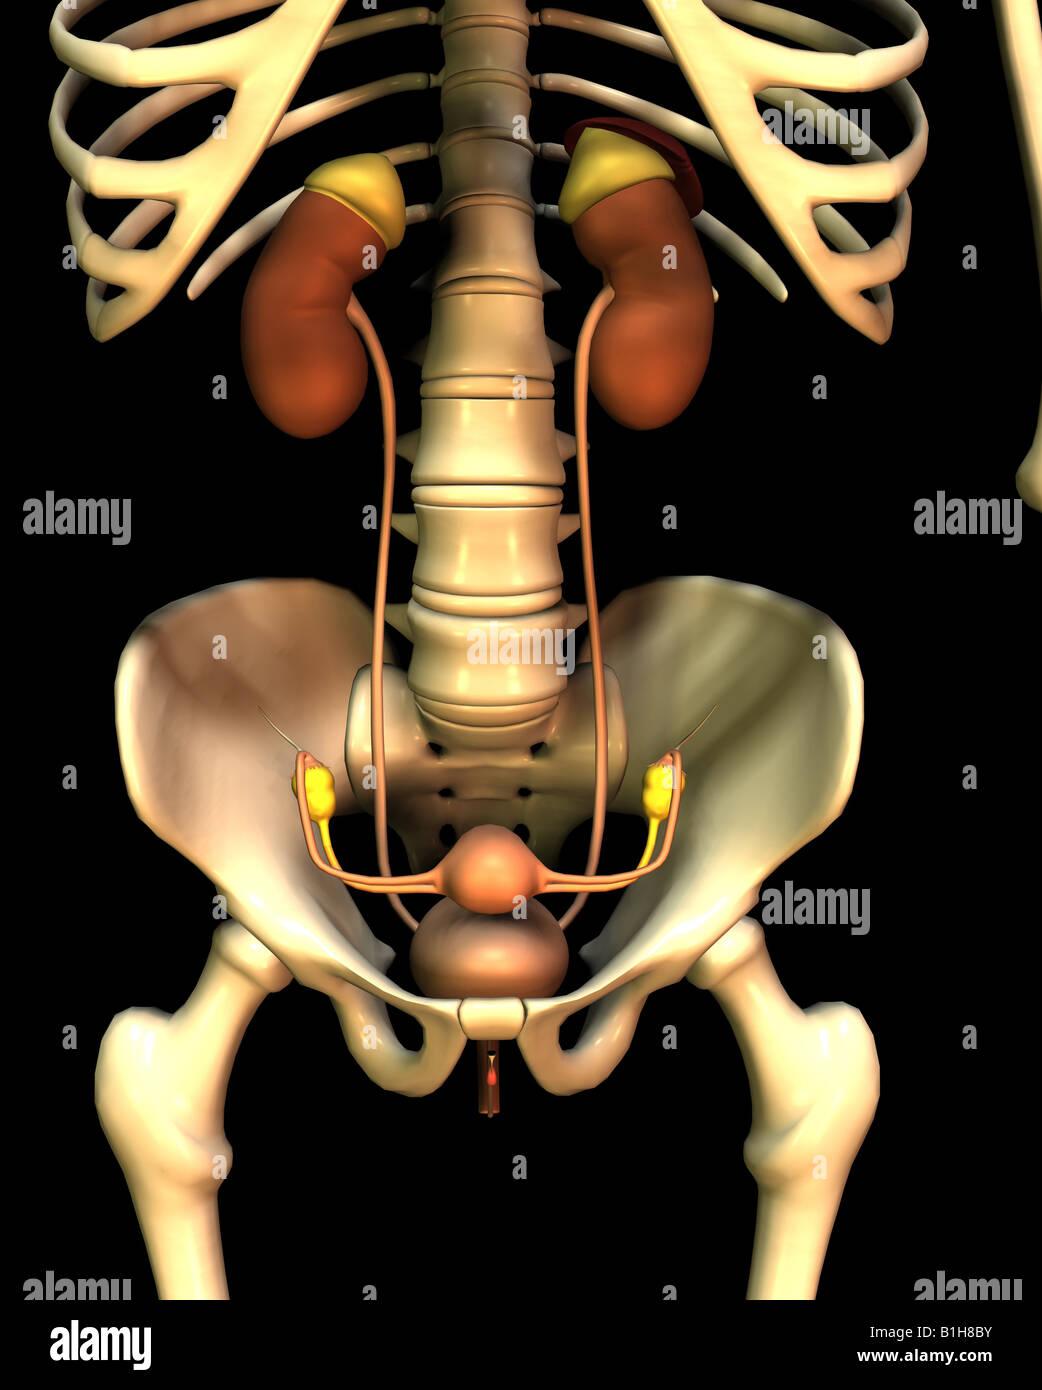 Anatomie Harn-weibliche Geschlechtsorgane Stockfoto, Bild: 18204815 ...